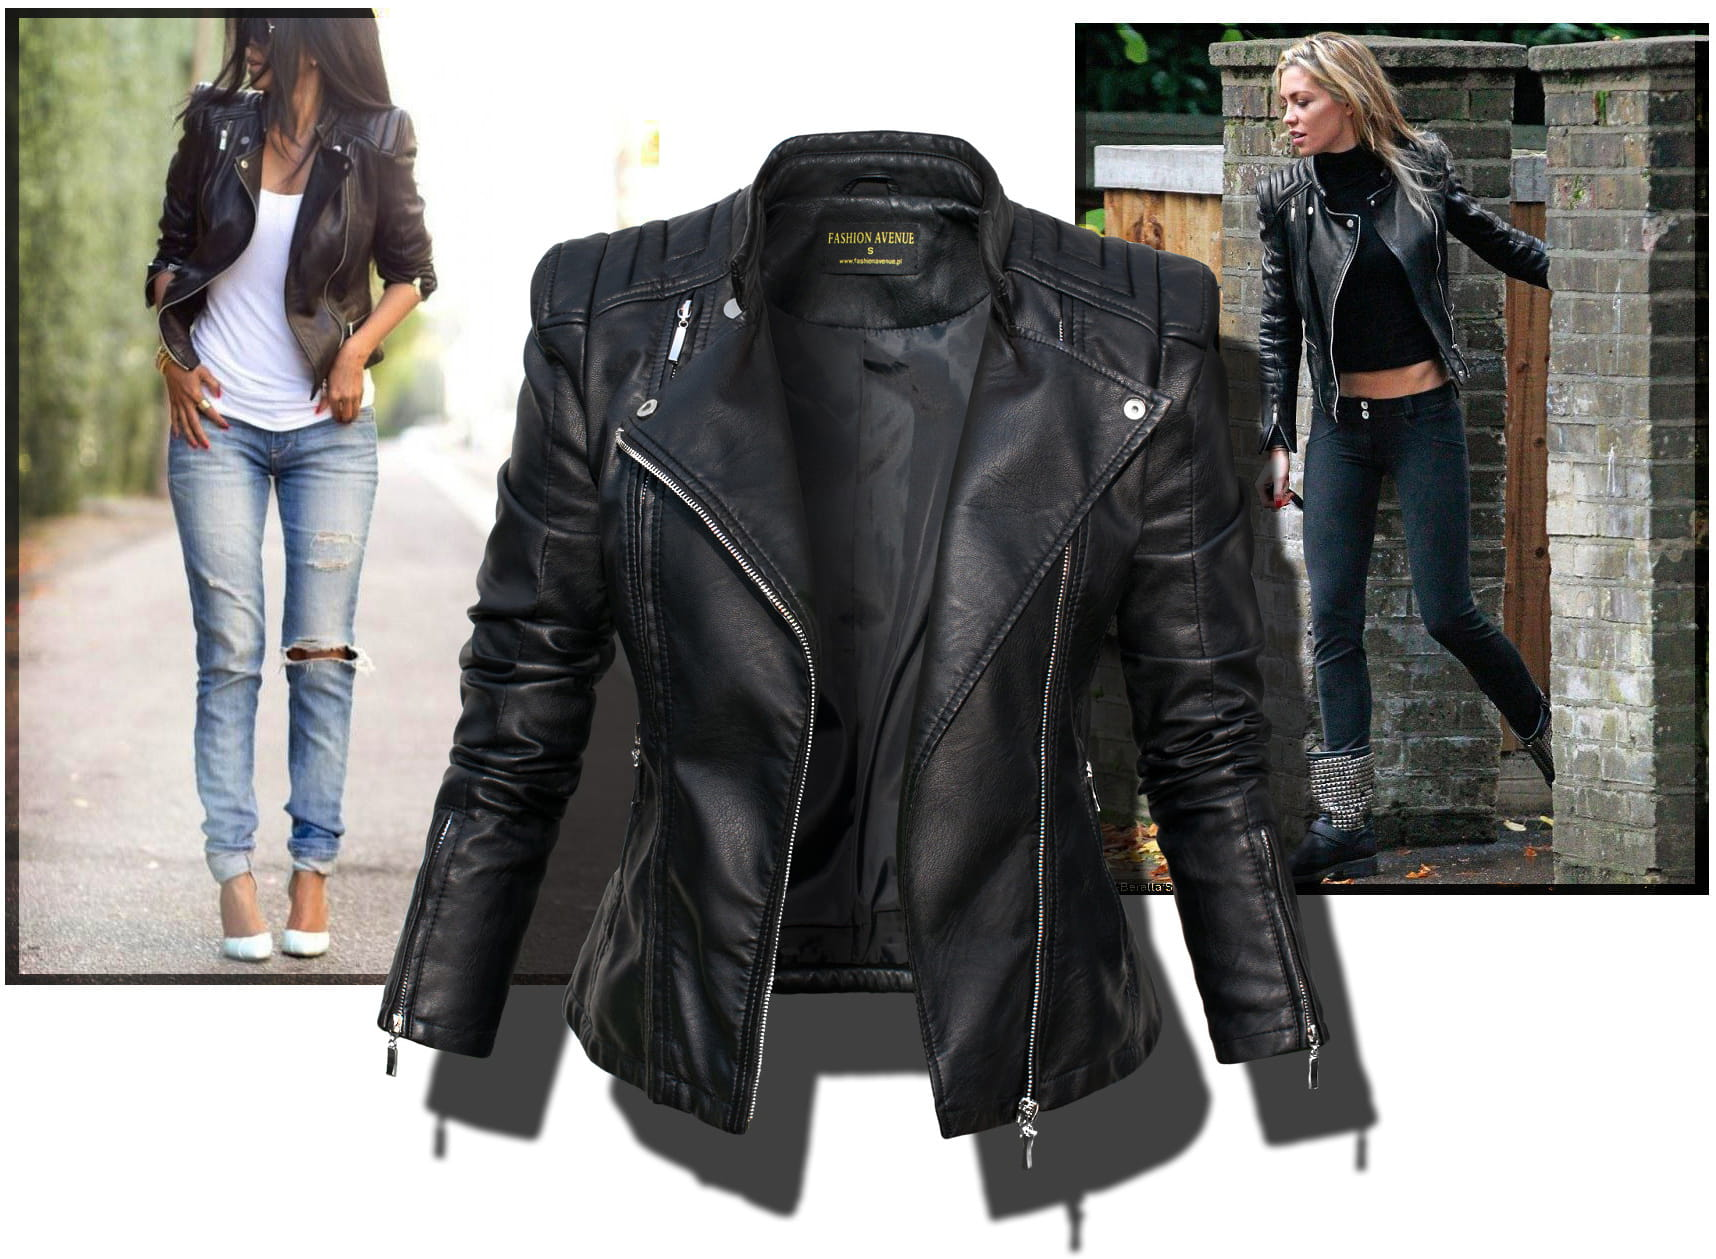 c7980c579e984 ... Ekskluzywna Kurtka Damska Ramoneska Motocyklowa Moto Biker Jacket  Zameczki Przeszycia Wiosna 2016 Nowy Model model ...